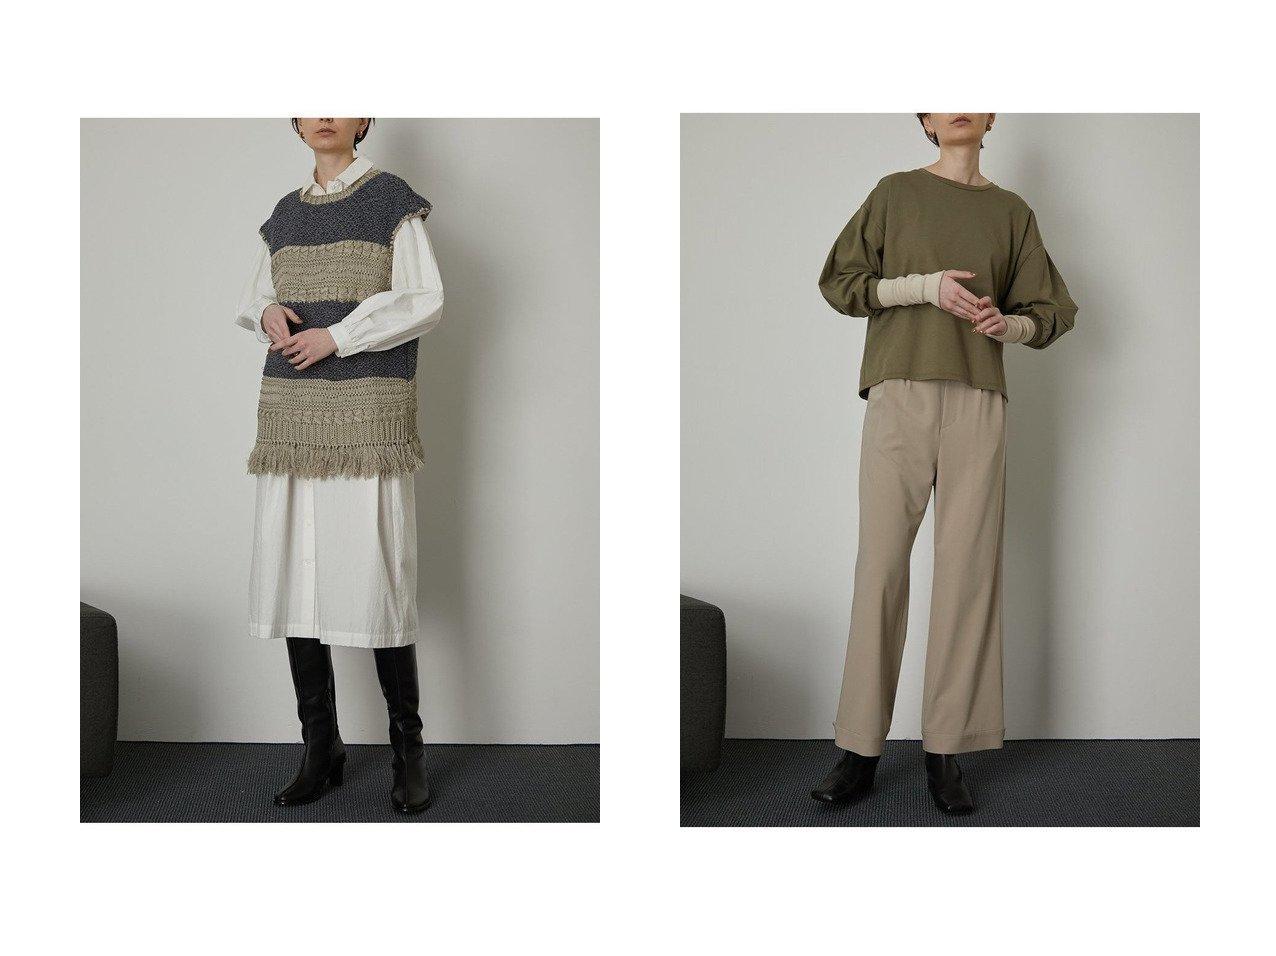 【RIM.ARK/リムアーク】のトップス&ニット RIM.ARKのおすすめ!人気、トレンド・レディースファッションの通販 おすすめで人気の流行・トレンド、ファッションの通販商品 メンズファッション・キッズファッション・インテリア・家具・レディースファッション・服の通販 founy(ファニー) https://founy.com/ ファッション Fashion レディースファッション WOMEN トップス Tops Tshirt ニット Knit Tops プルオーバー Pullover シャツ/ブラウス Shirts Blouses ロング / Tシャツ T-Shirts カットソー Cut and Sewn 2021年 2021 2021 春夏 S/S SS Spring/Summer 2021 S/S 春夏 SS Spring/Summer ハンド フリンジ ベスト 春 Spring |ID:crp329100000018757